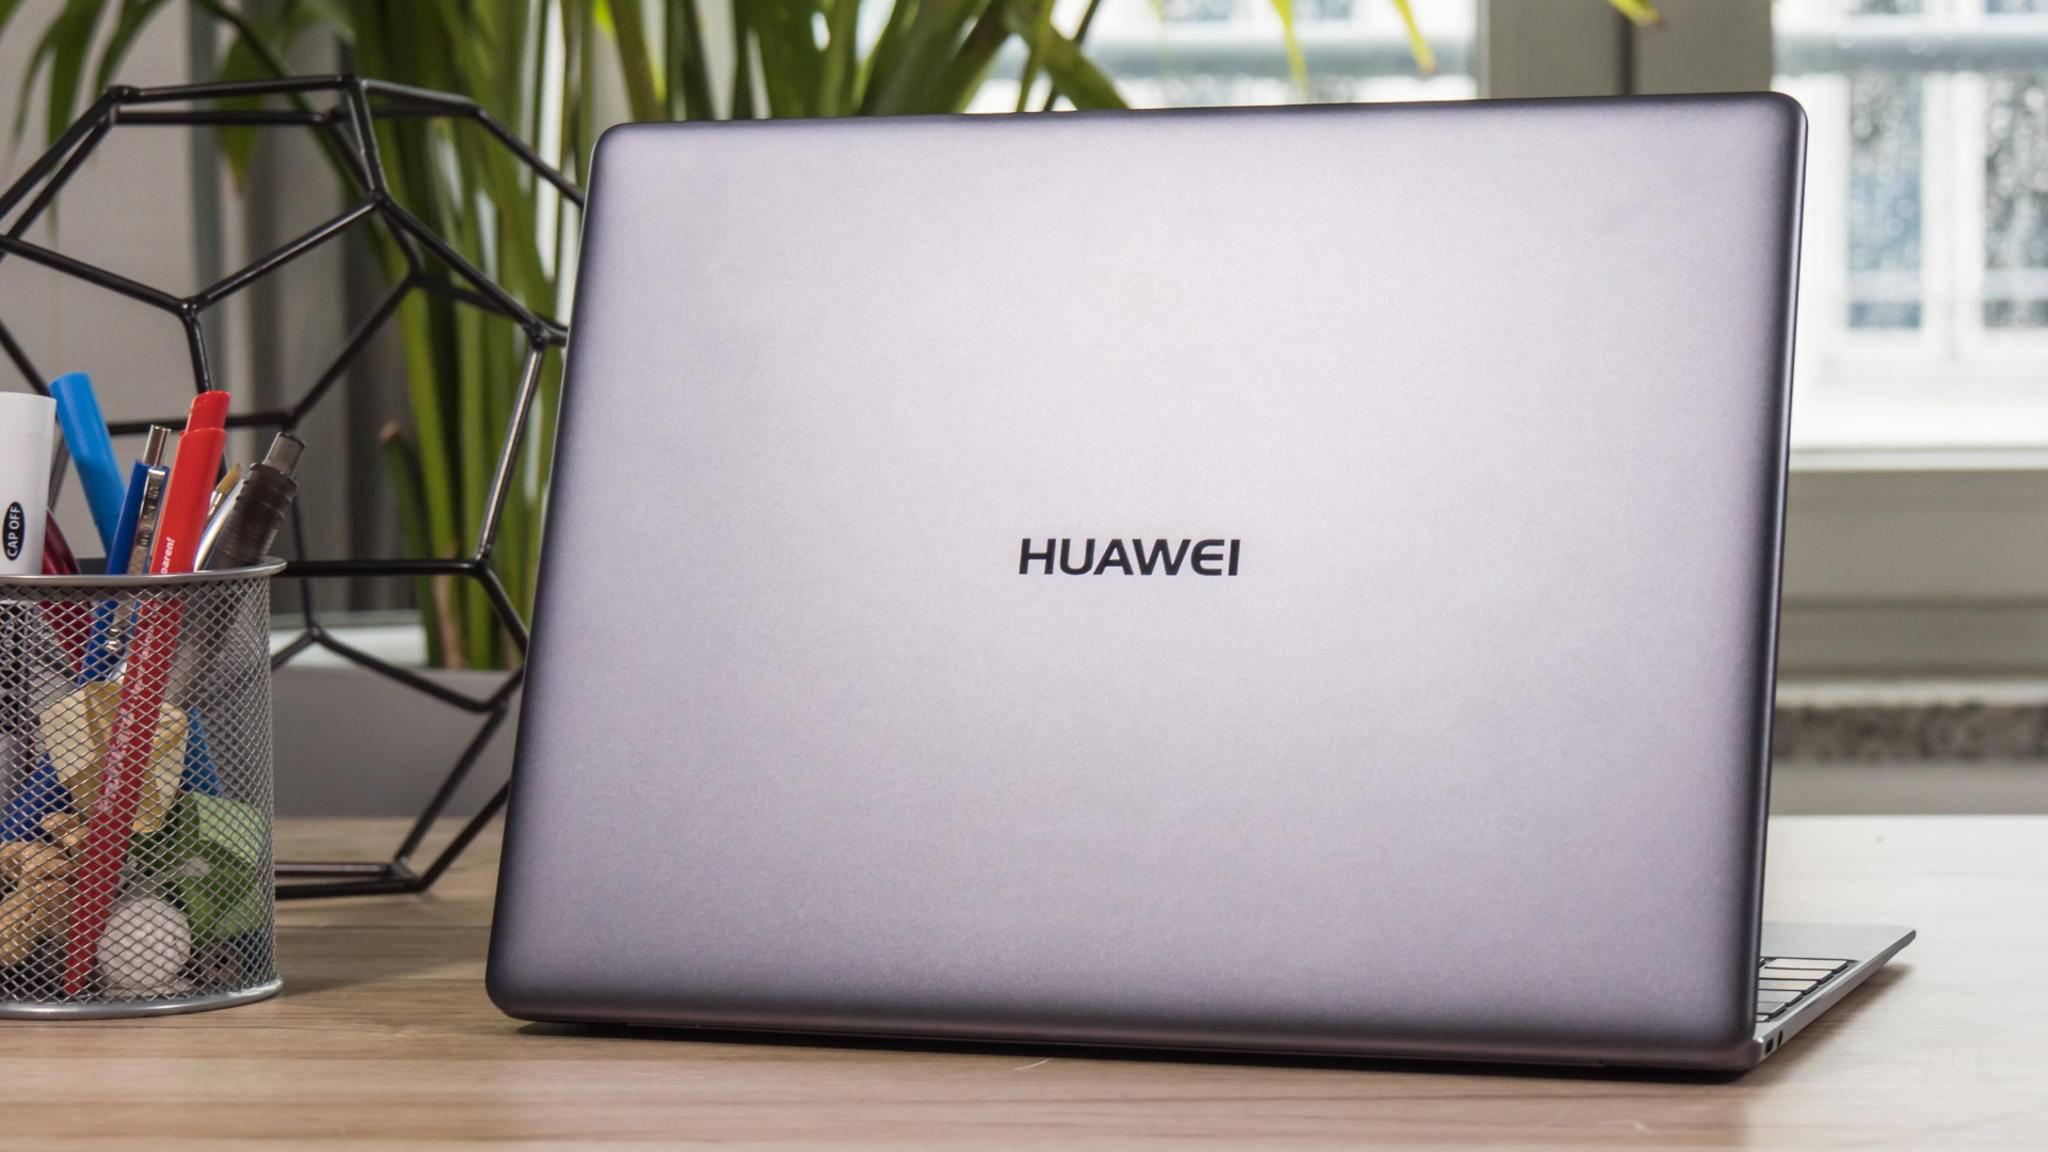 Das Huawei Matebook X hinterlässt nicht nur optisch einen guten Eindruck.